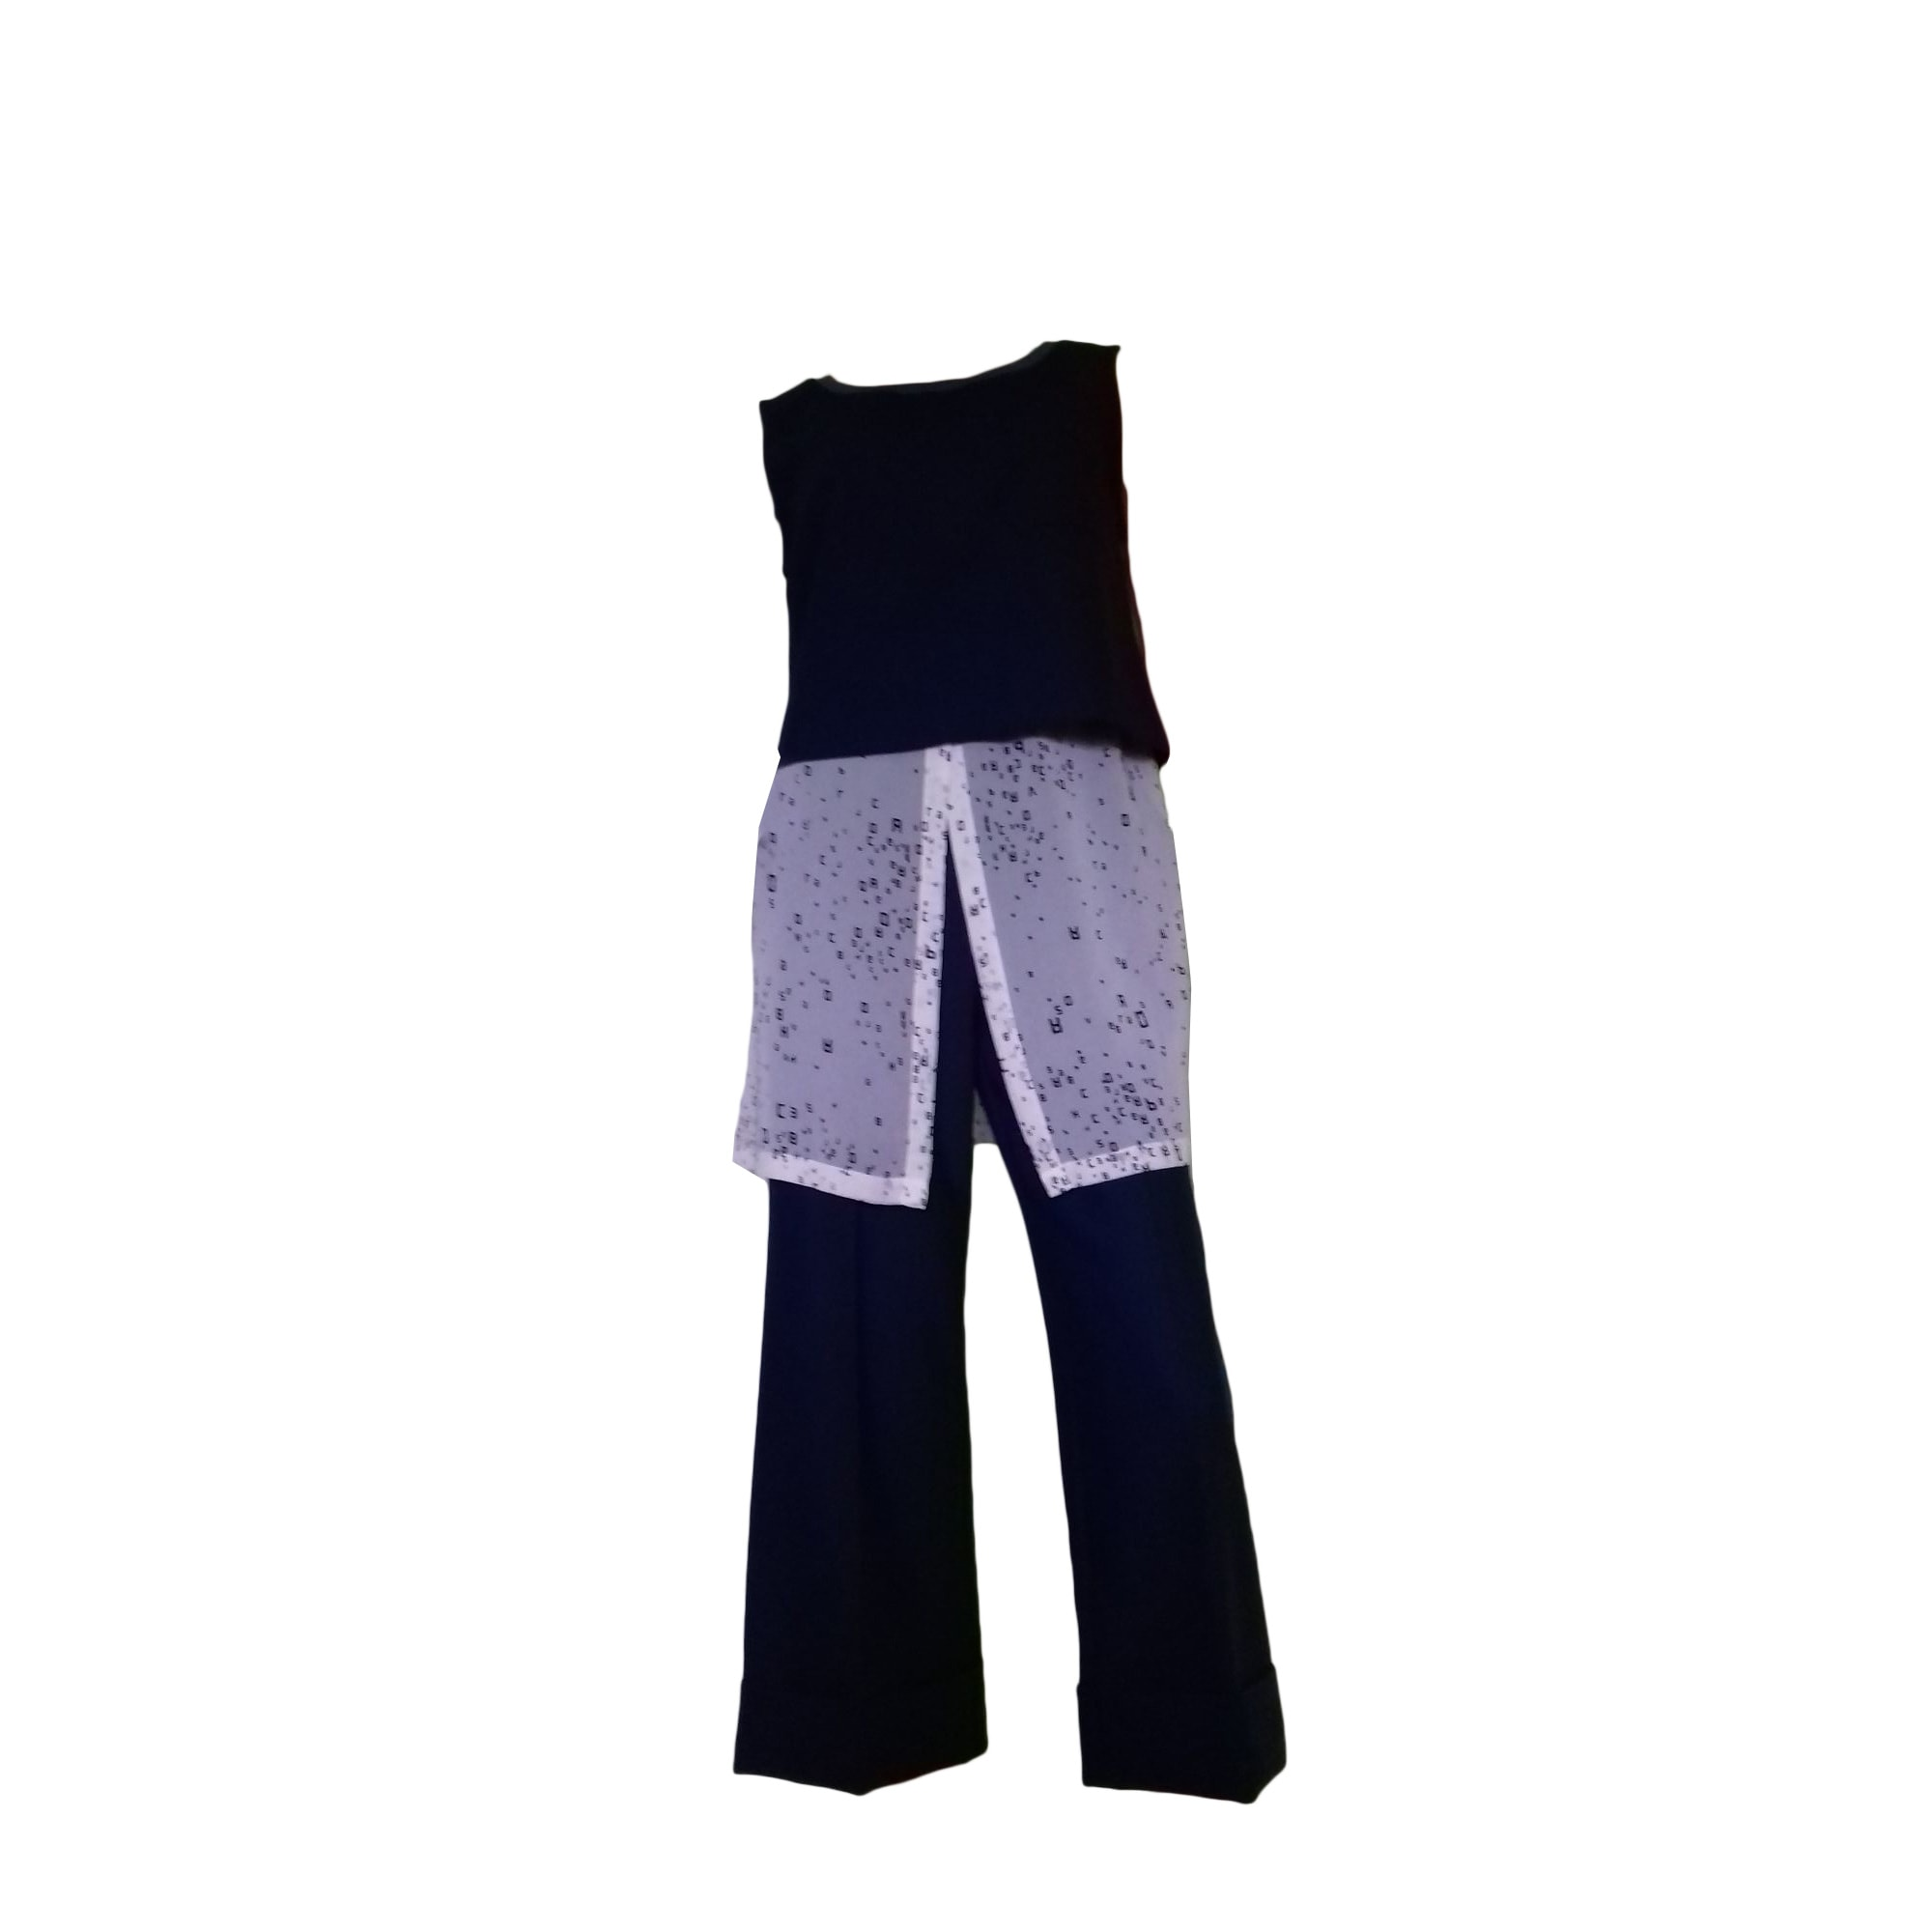 Tailleur pantalon COP-COPINE Bleu, bleu marine, bleu turquoise